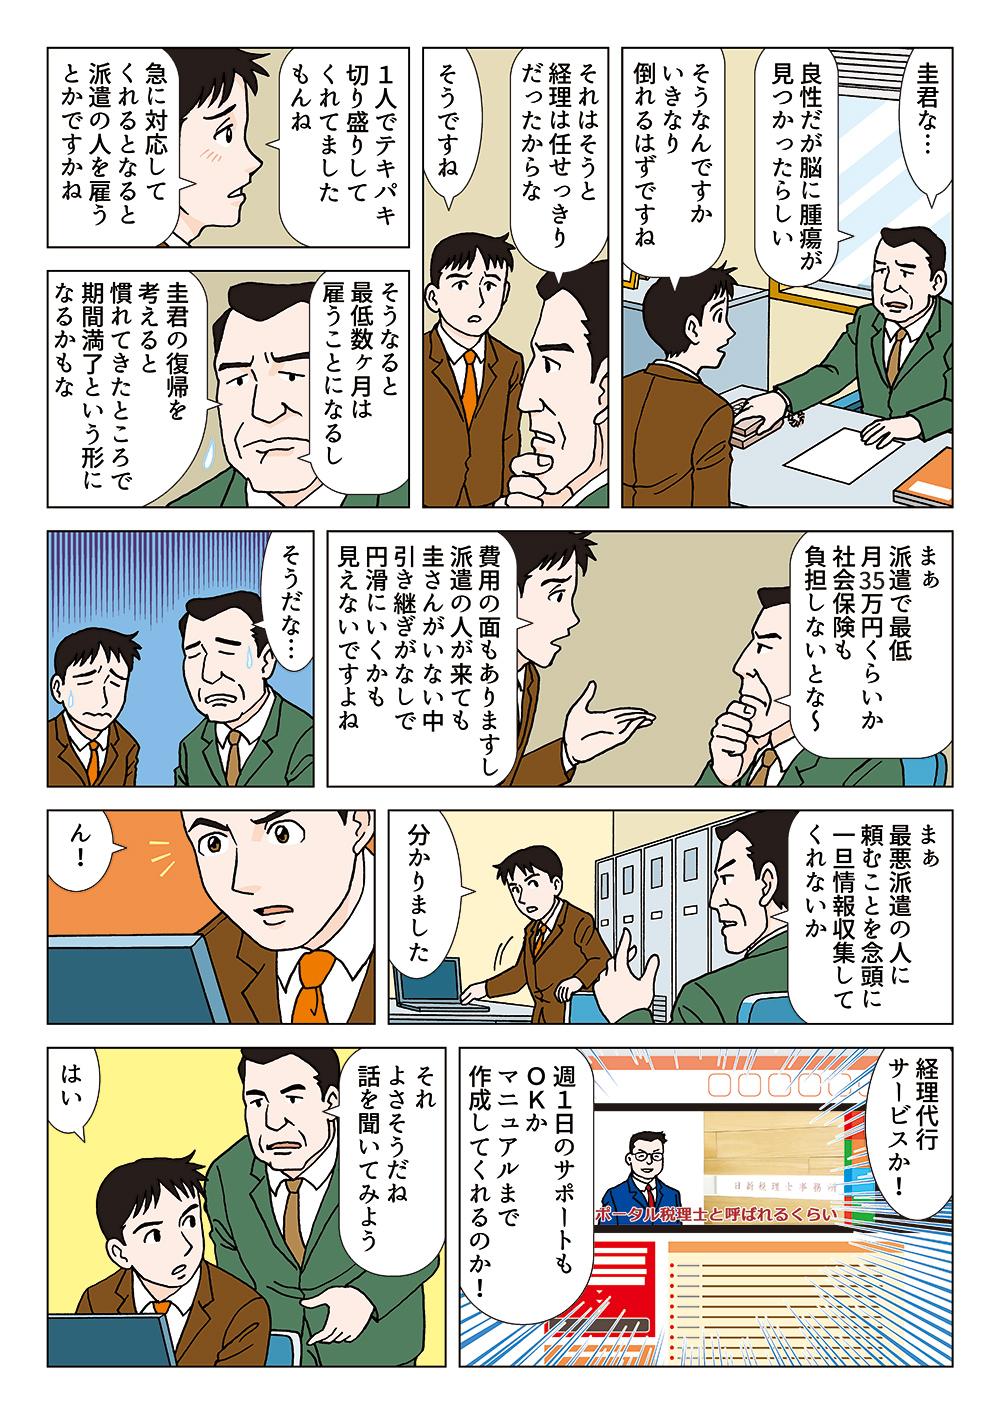 大阪で税理士が運営する経理代行(経理・記帳・給与計算・資金繰り管理・経理業務改善)サービス